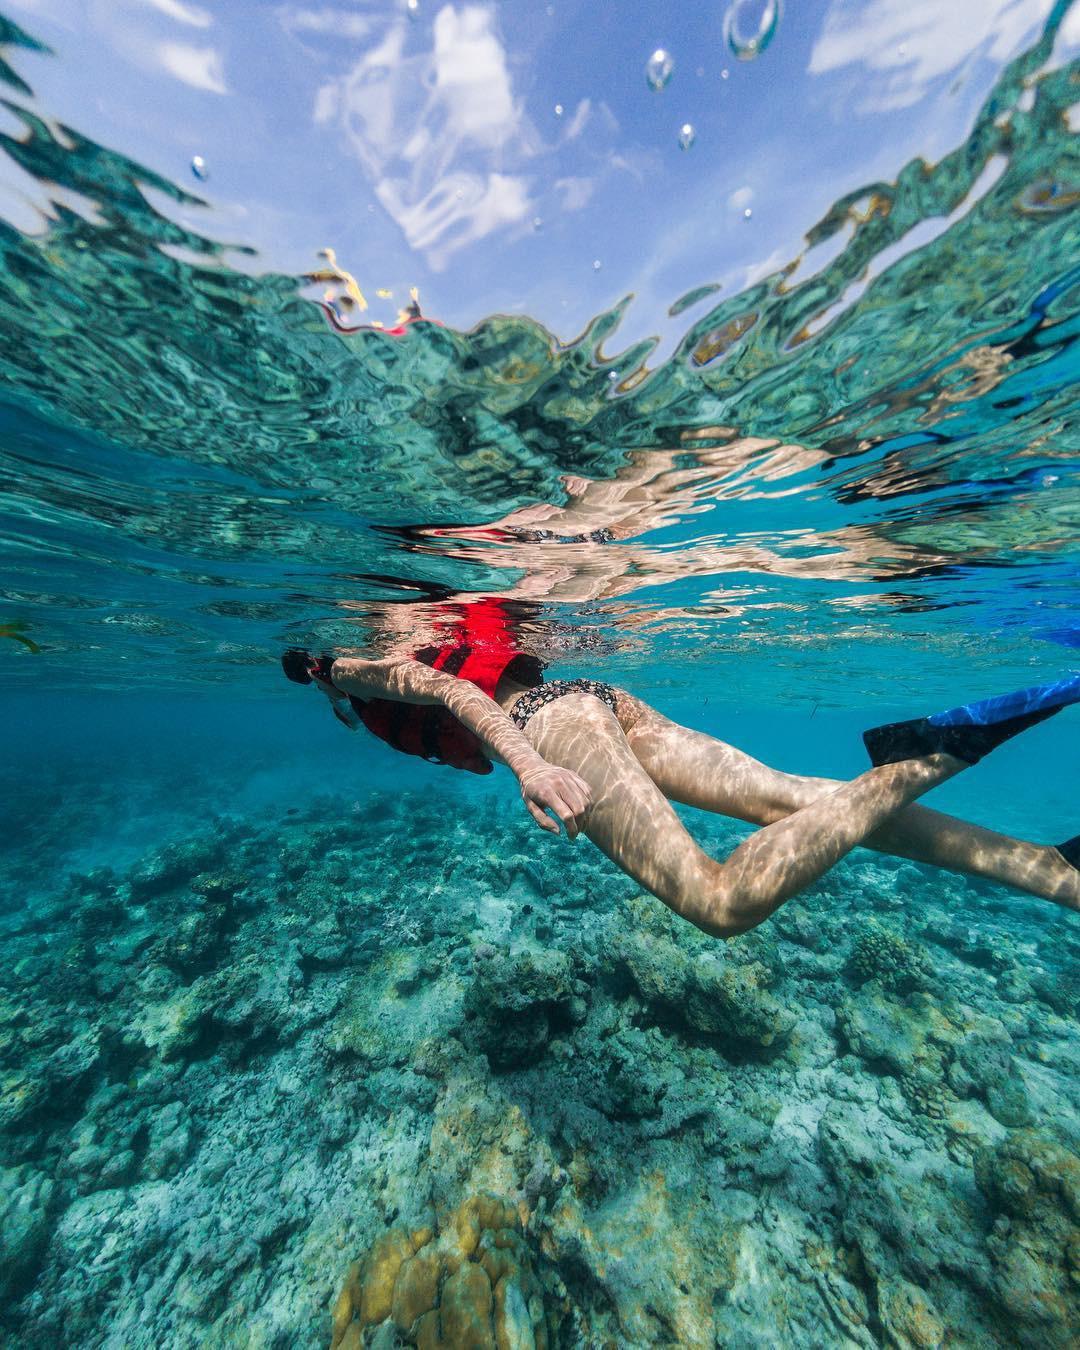 Bộ ảnh thiên đường hạ giới Maldives vừa được cô gái Việt Nam check in trông cũng rất gì và này nọ - Ảnh 11.